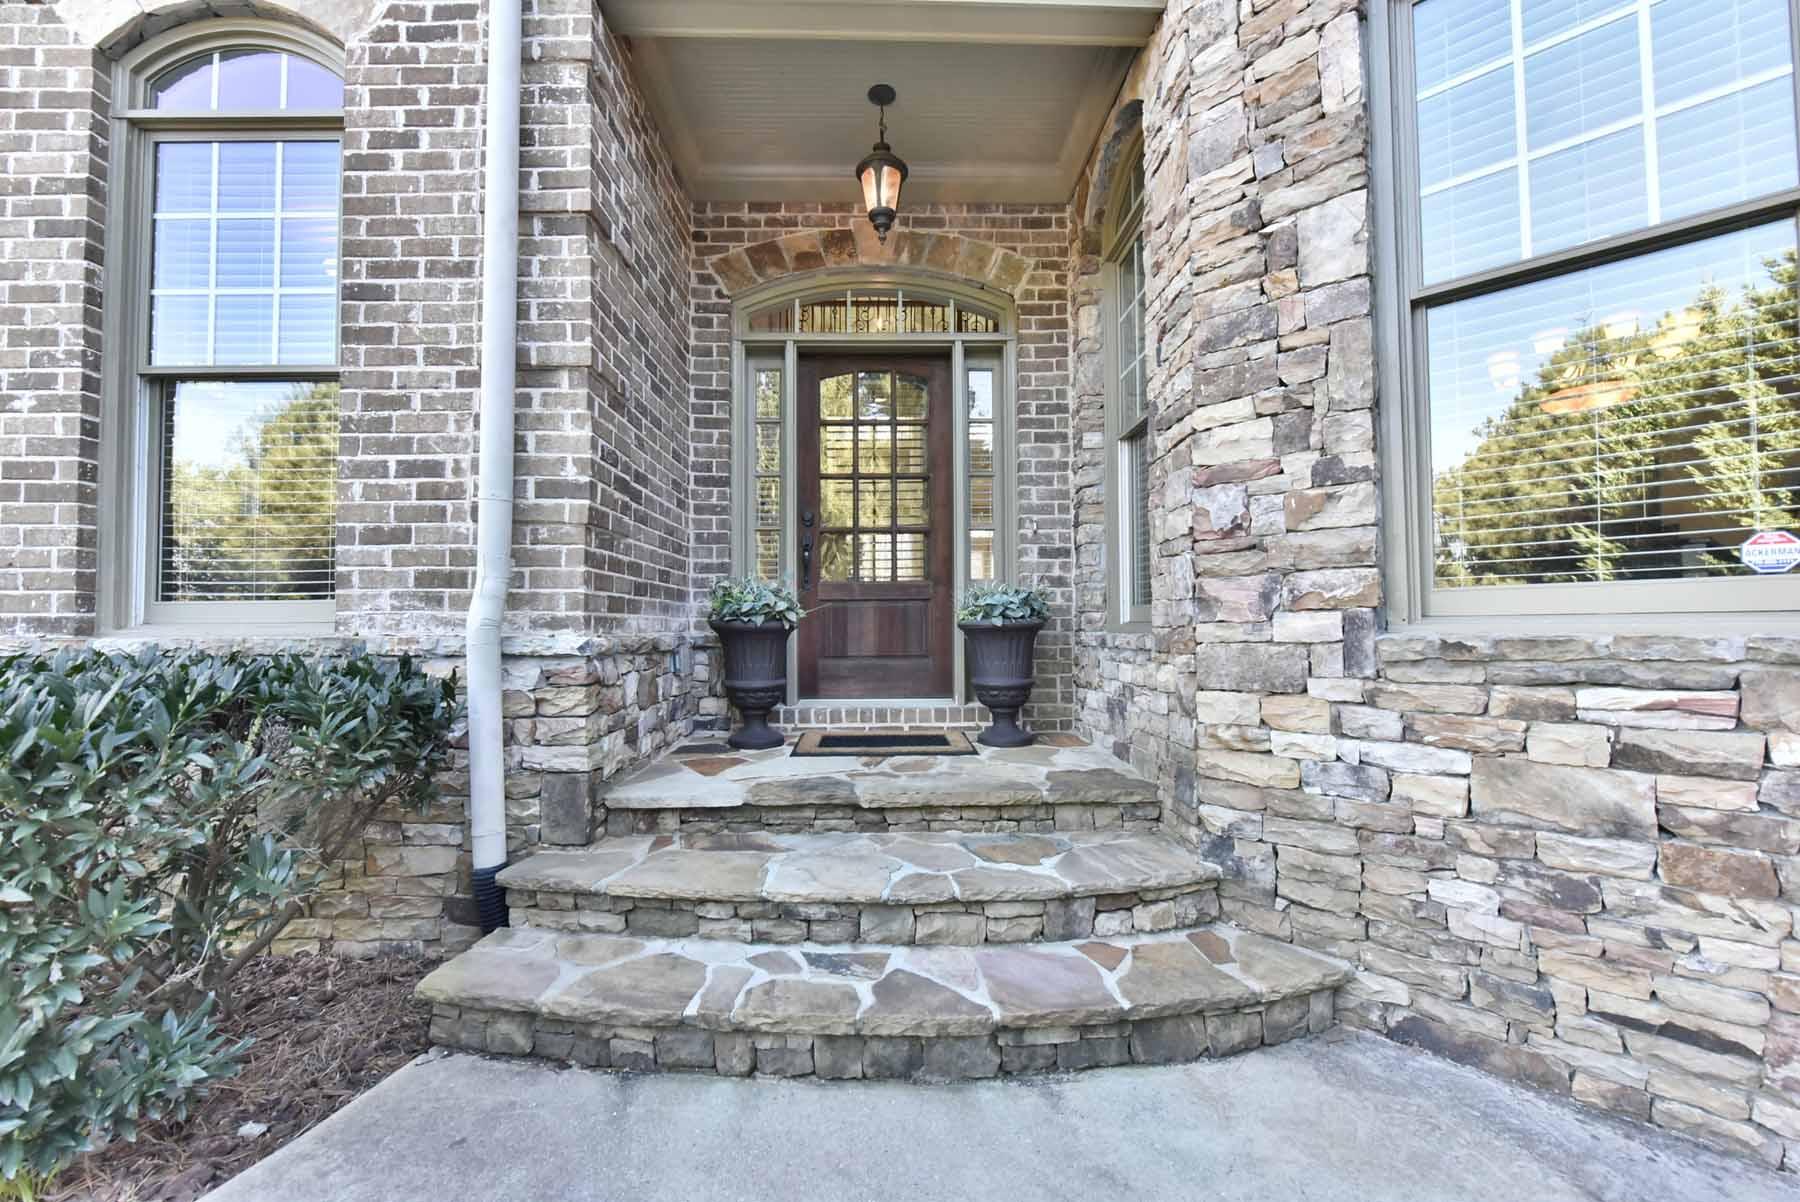 단독 가정 주택 용 매매 에 Custom Built Home With Finished Basement And Saltwater Pool 4420 Sandy Plains Road Marietta, 조지아, 30066 미국